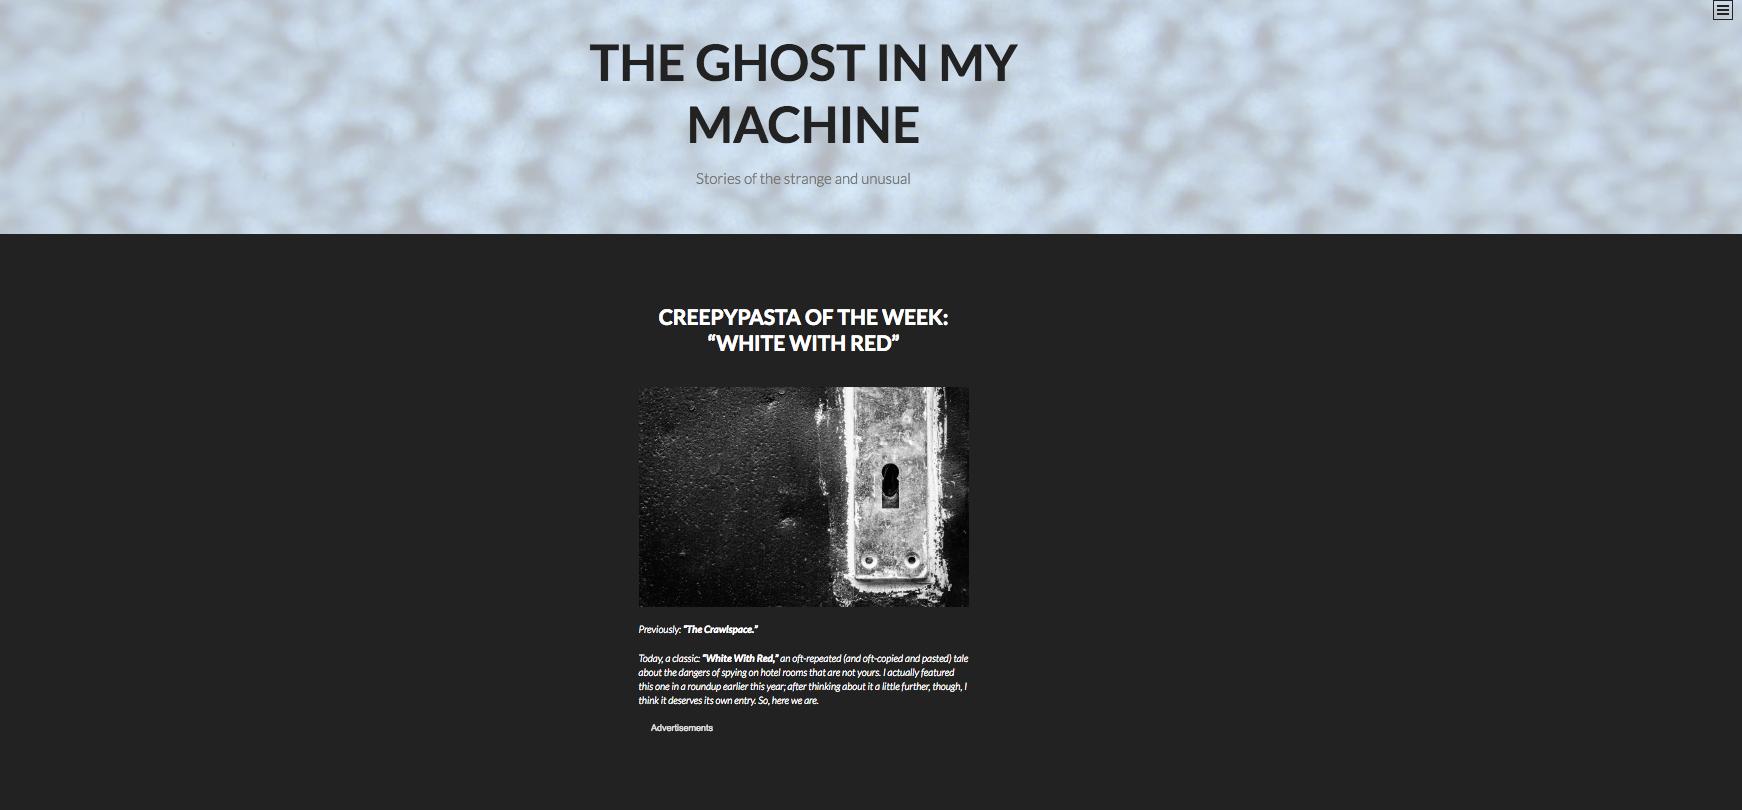 nolisoliph fixture halloween scary websites